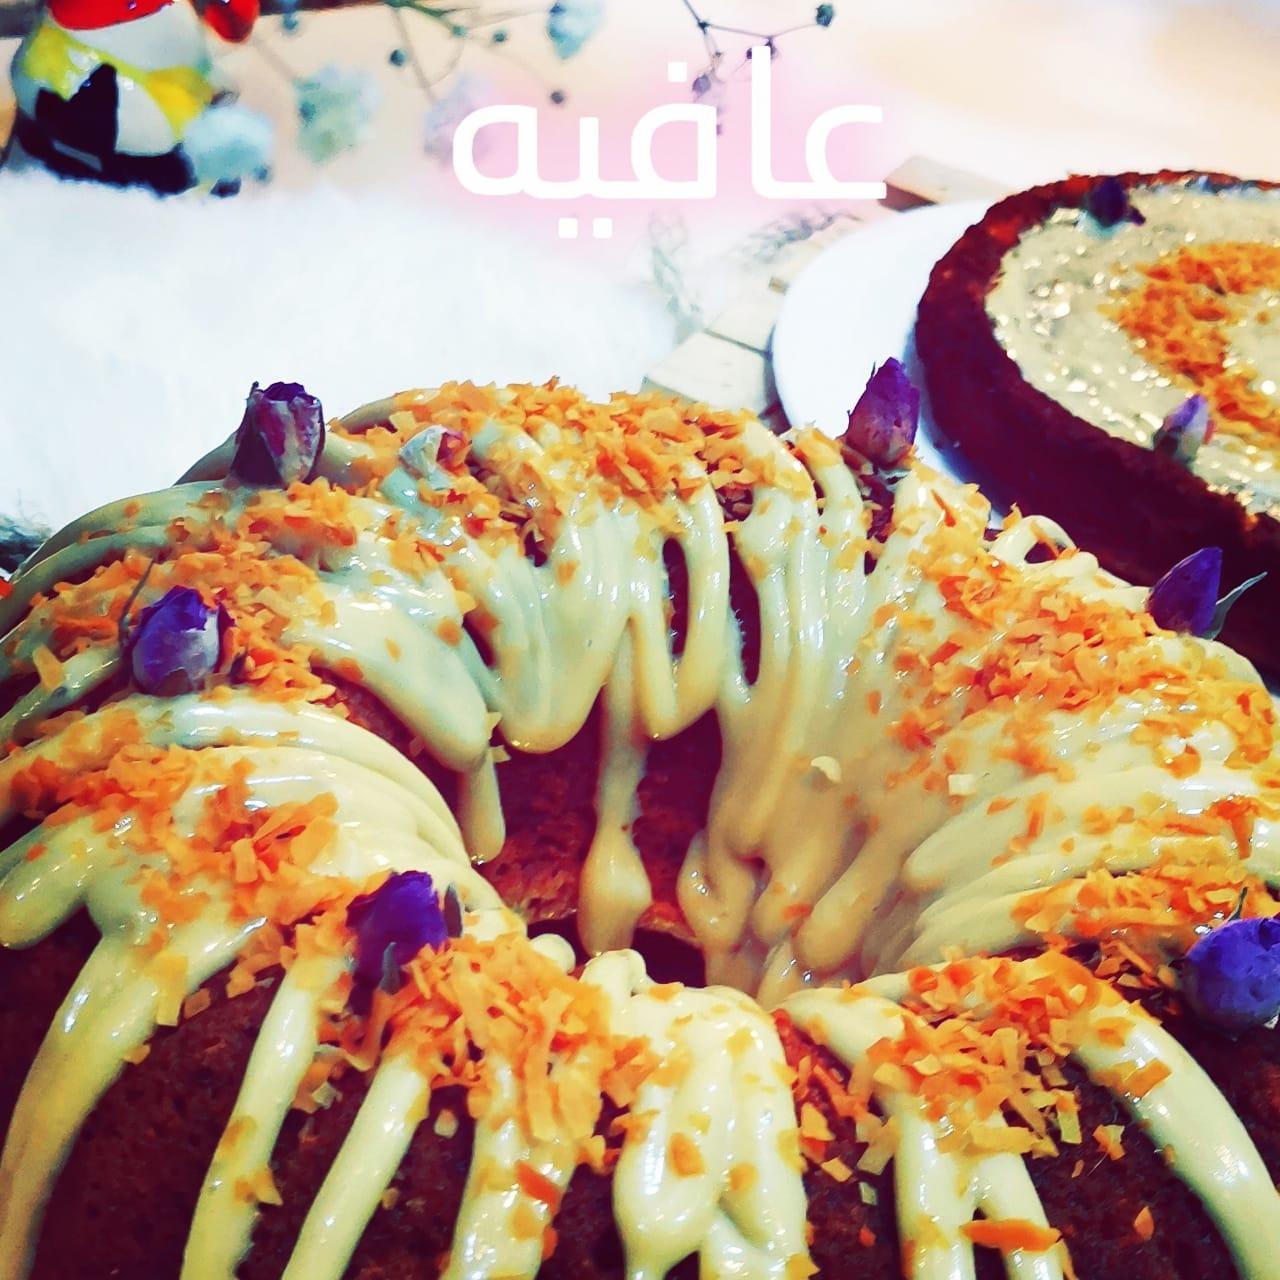 مطبخ جودي Jody kitchen طبخ اشهى الاكلات و الحلويات طبخ +منزلي+طبخ +حلا+ مفرزنات 0547548079 681052591